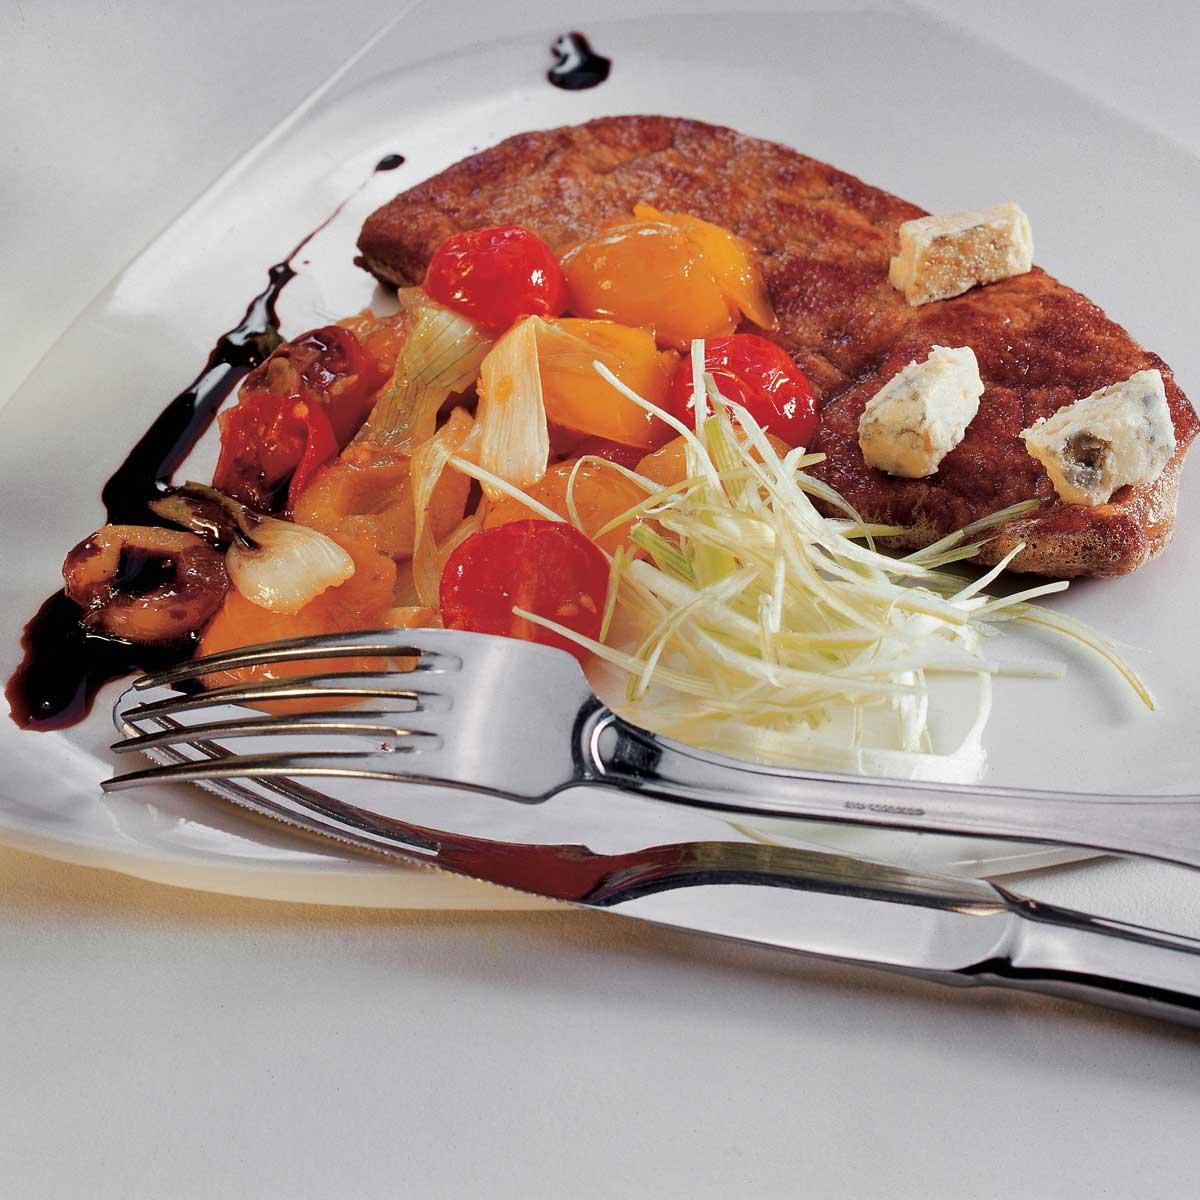 Recette foie de veau aux mirabelles cuisine madame figaro - Recette avec des mirabelles ...